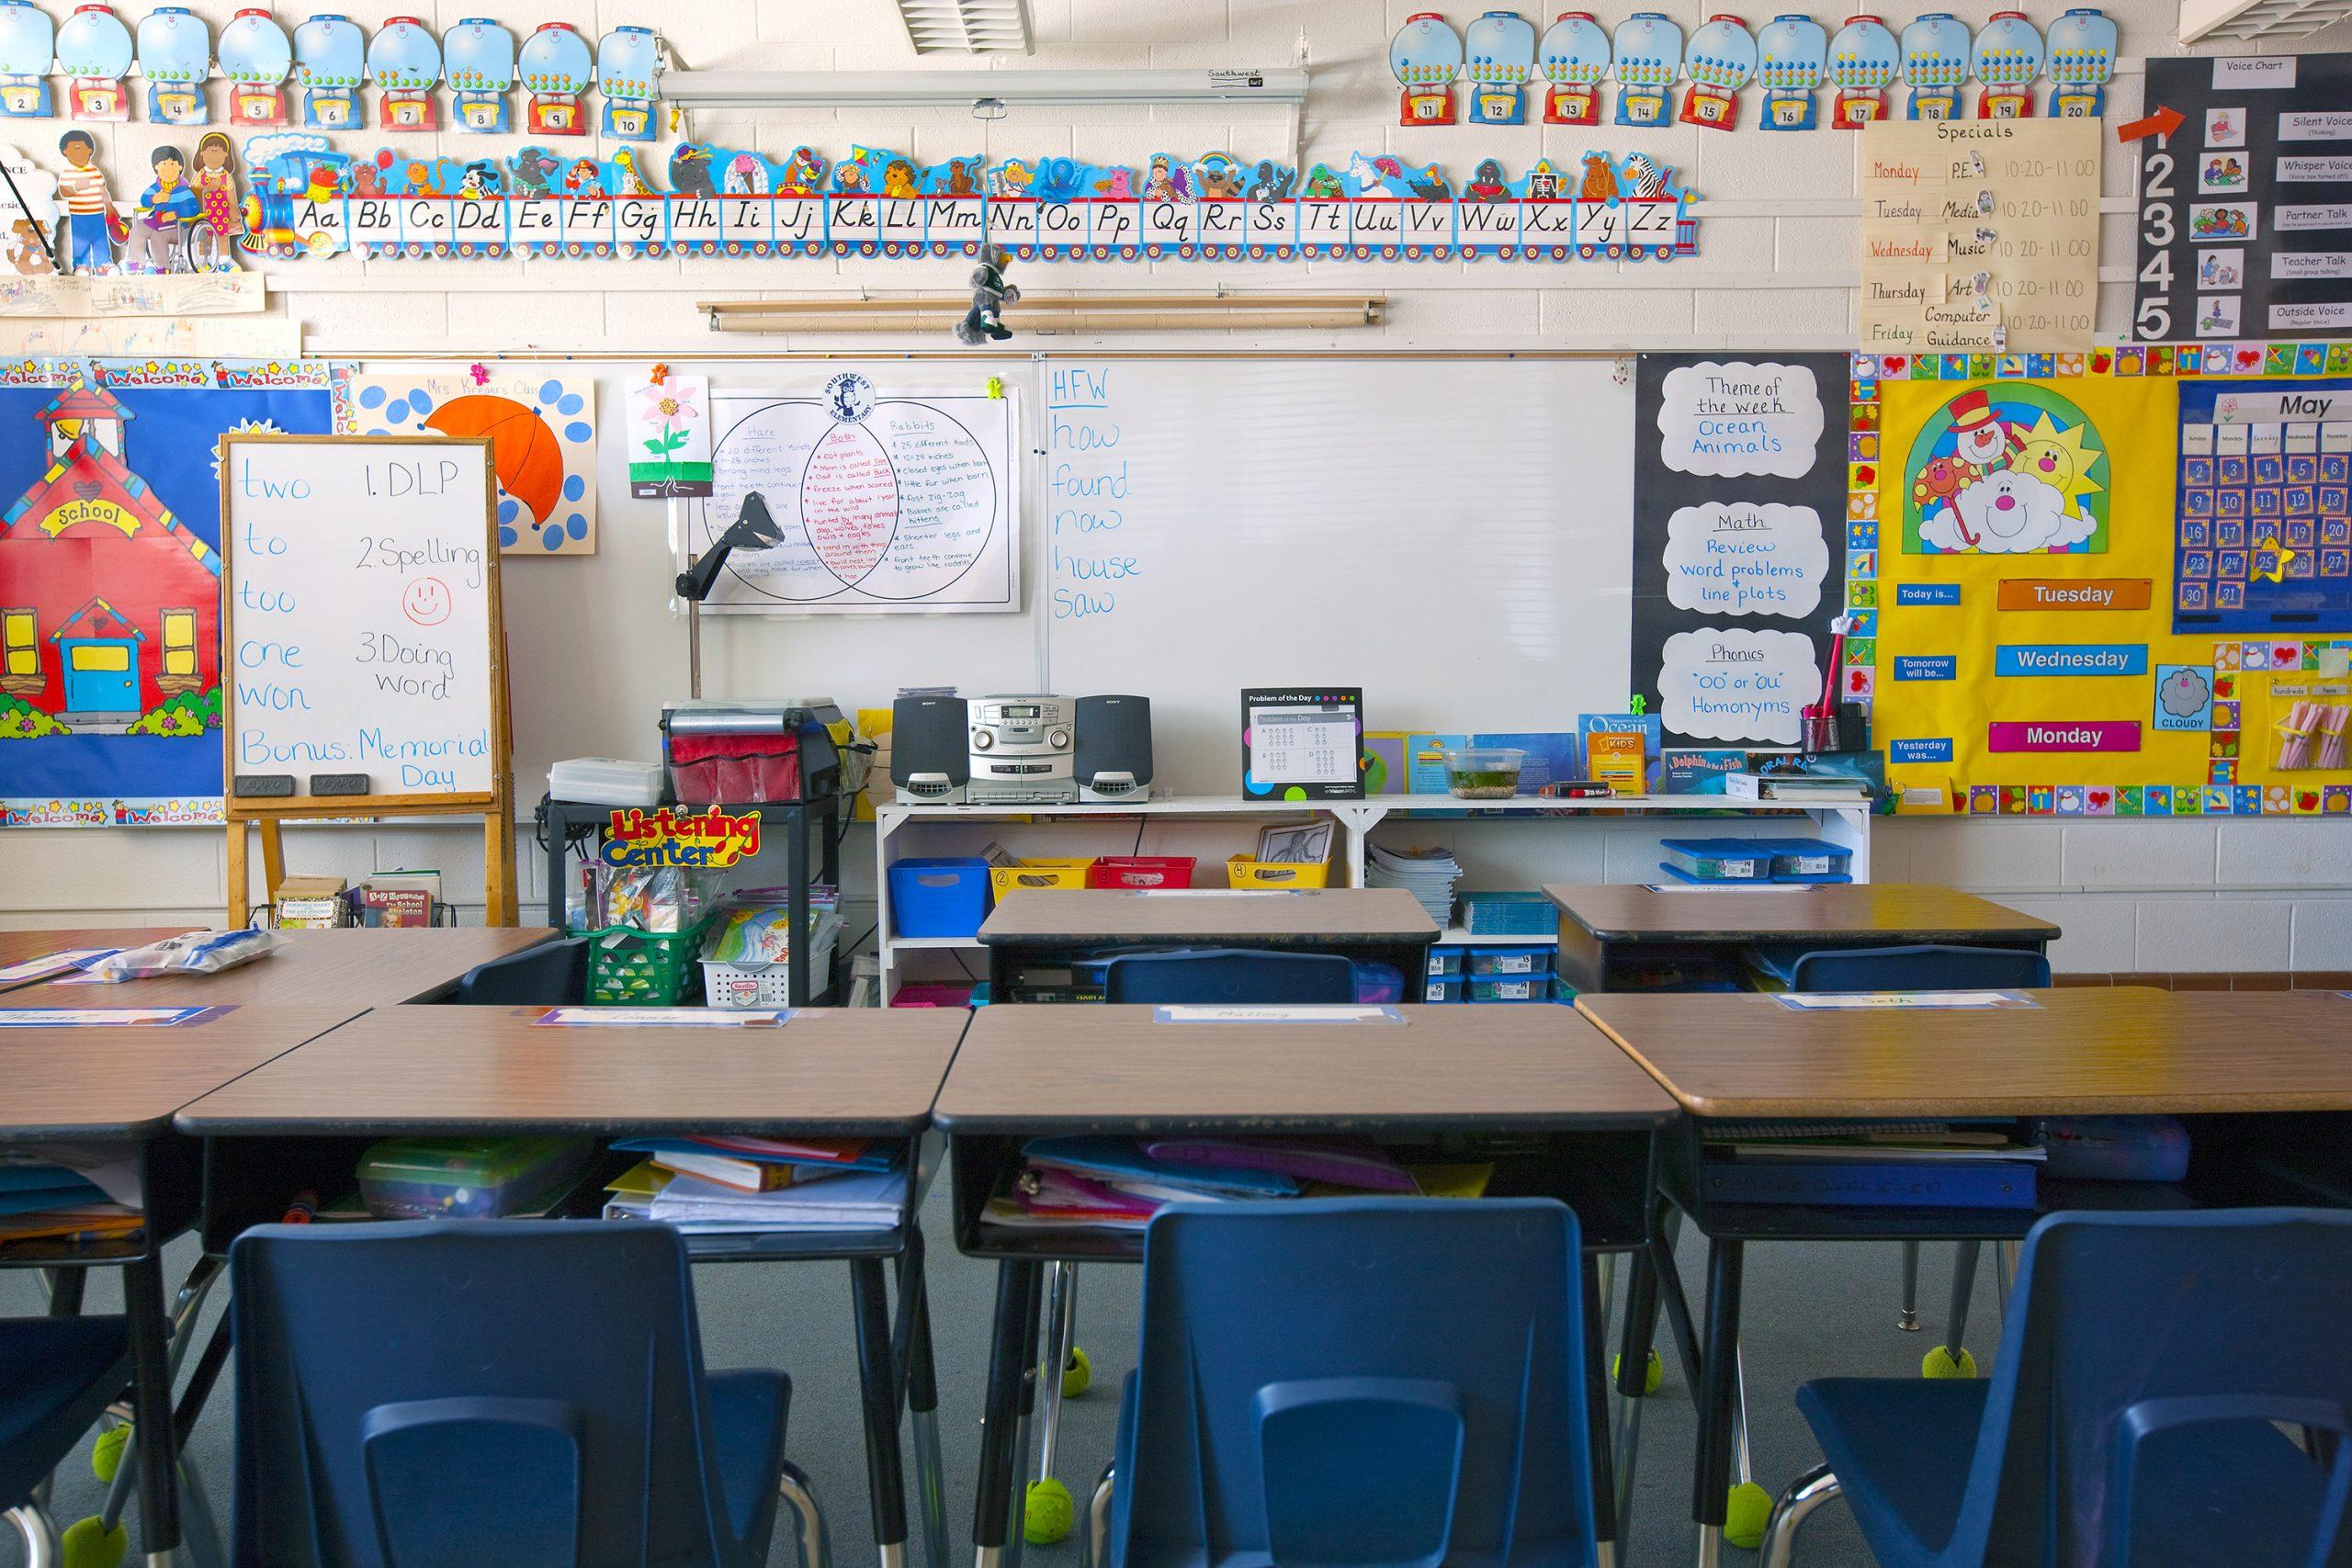 Kindergarden-Classroom-with-empty-desks